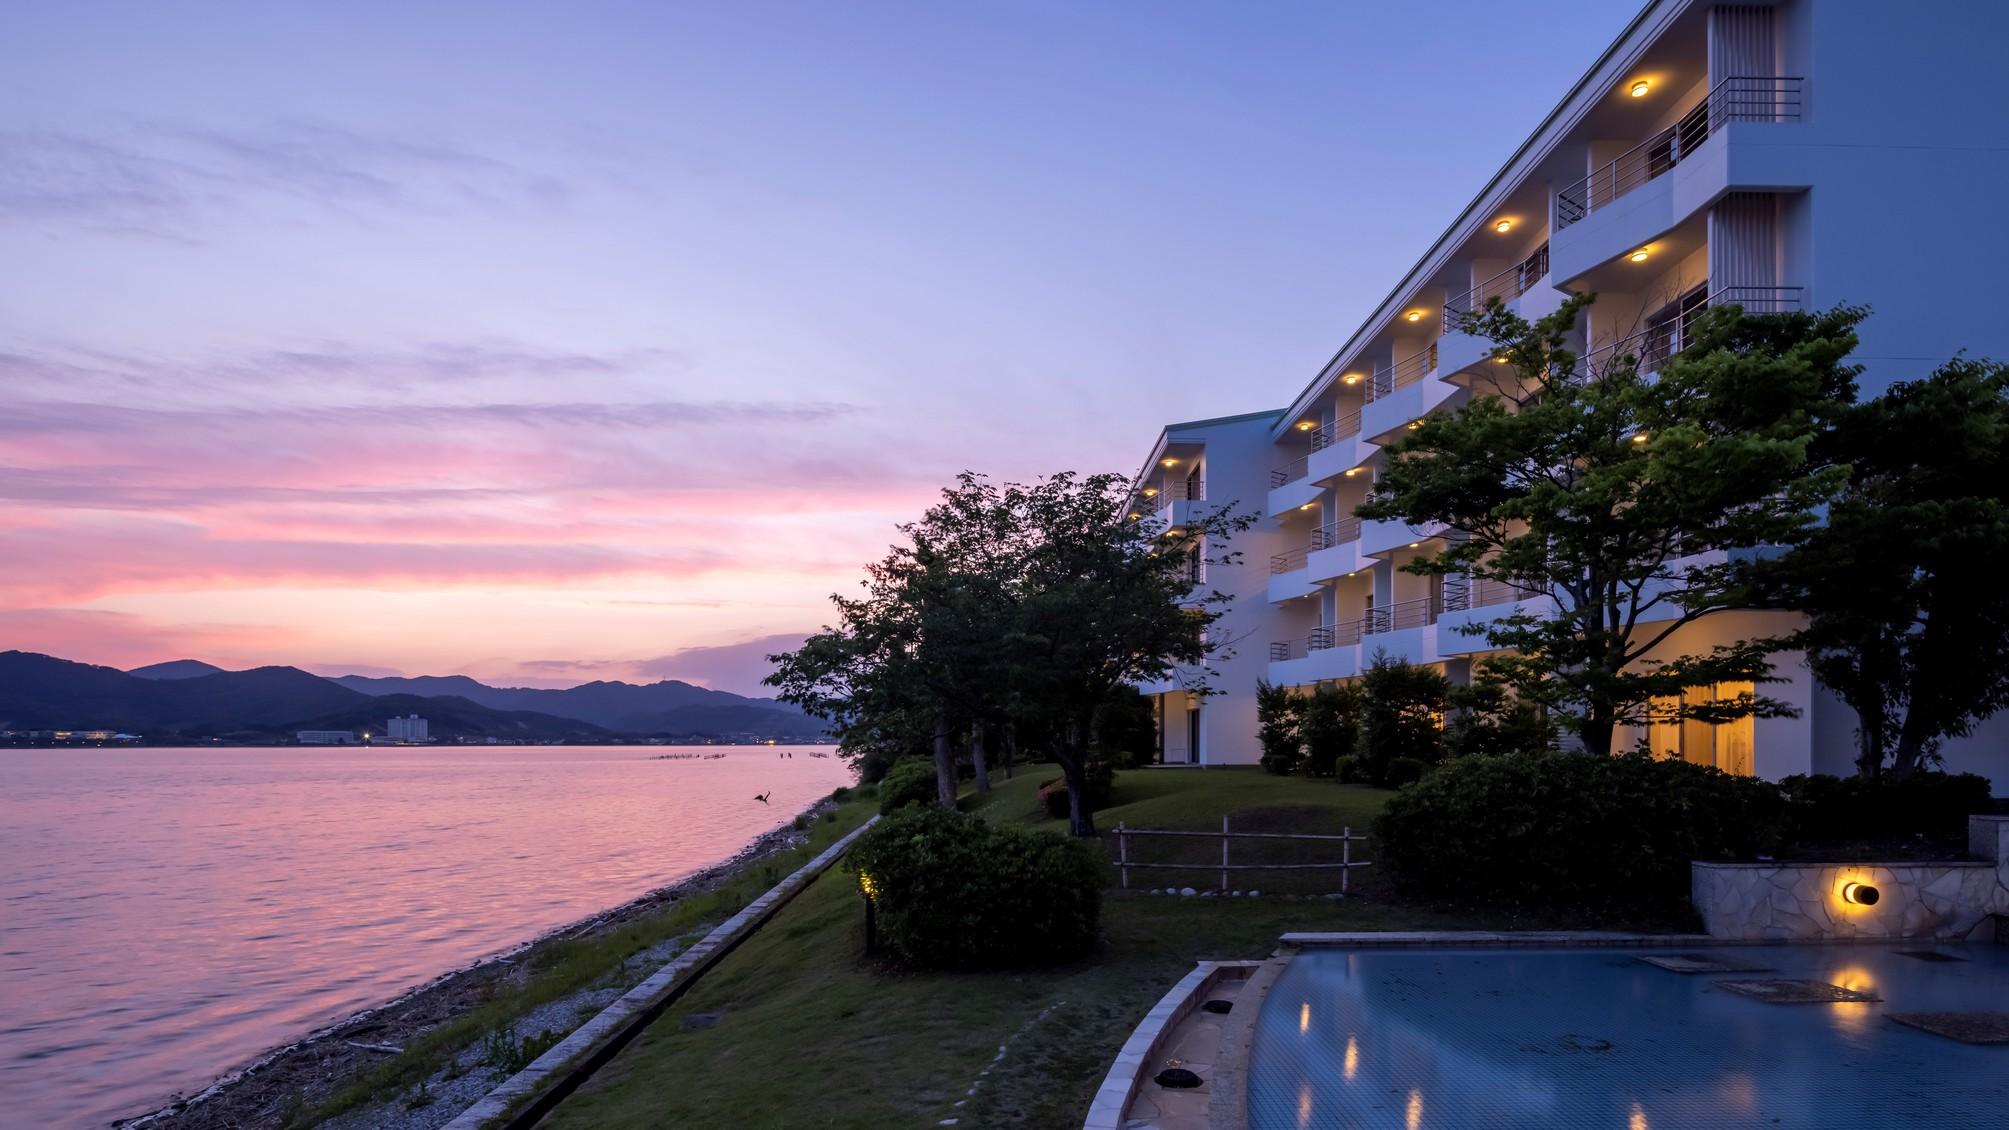 ホテル ハーヴェスト浜名湖◆楽天トラベル